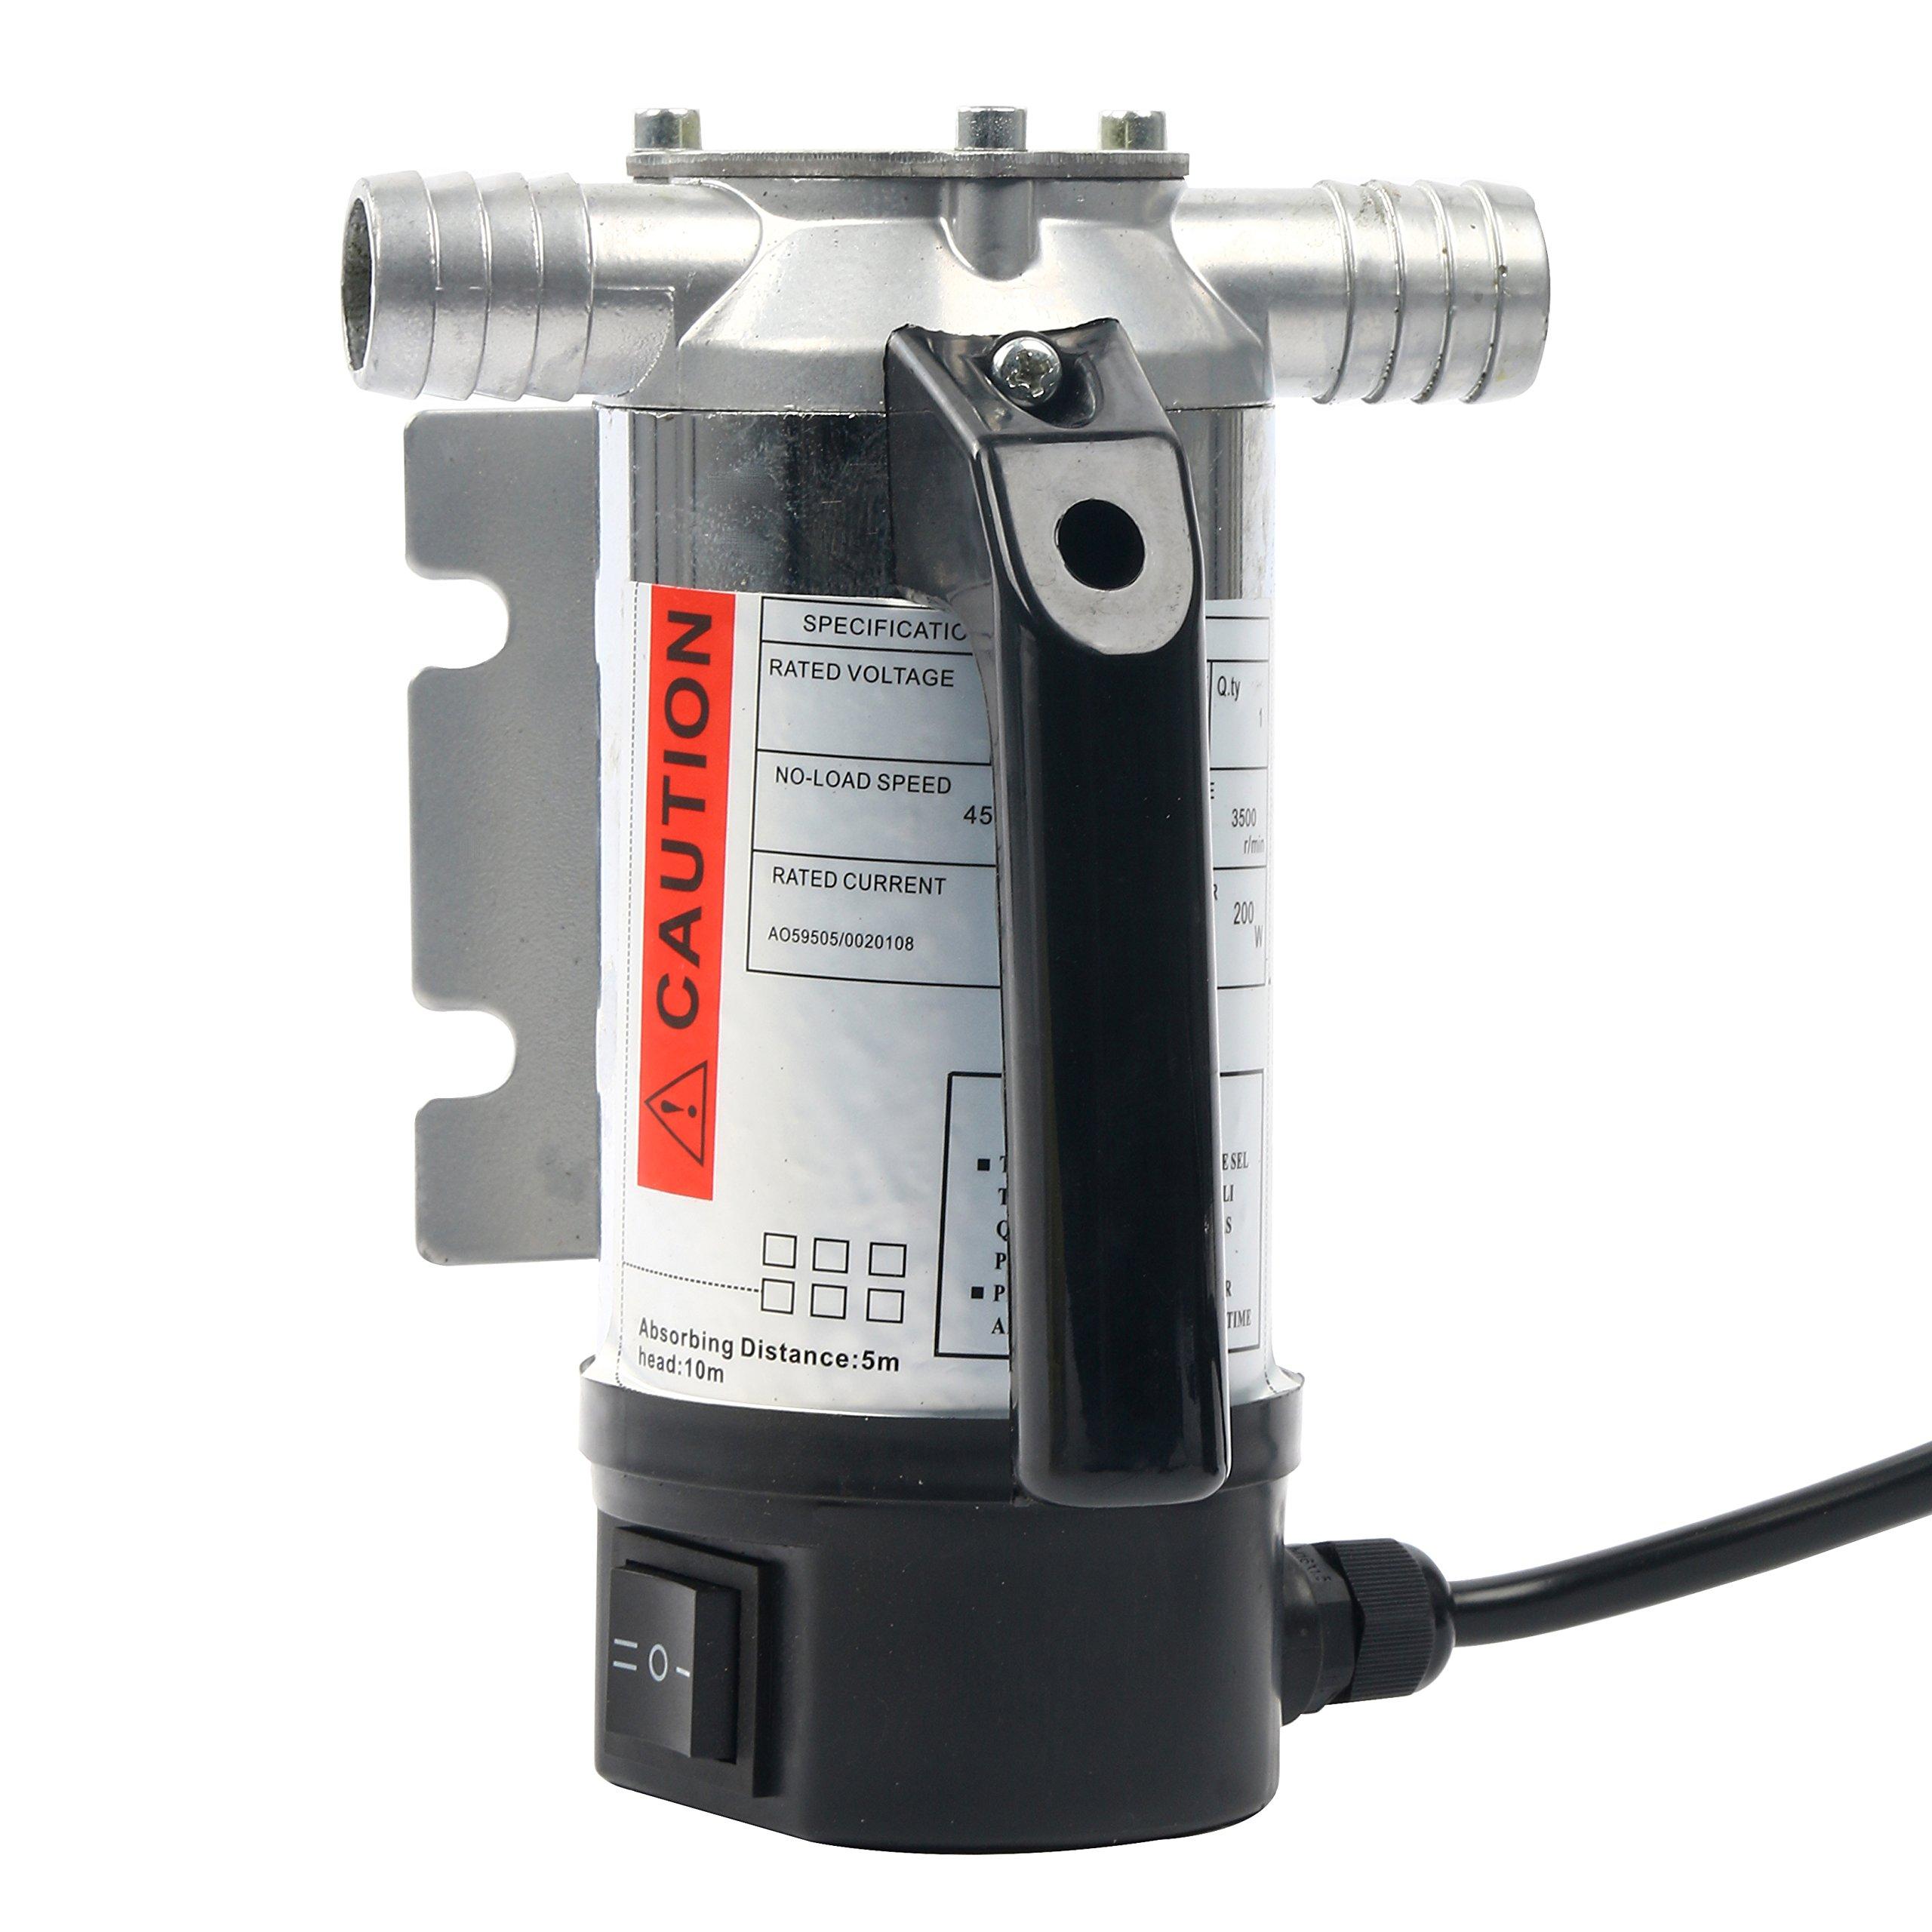 Amarine Made Update 12 Volt Fuel Oil/& Water Transfer Pump Diesel Kerosene Biodiesel 12V DC 10.5 gpm Pumps